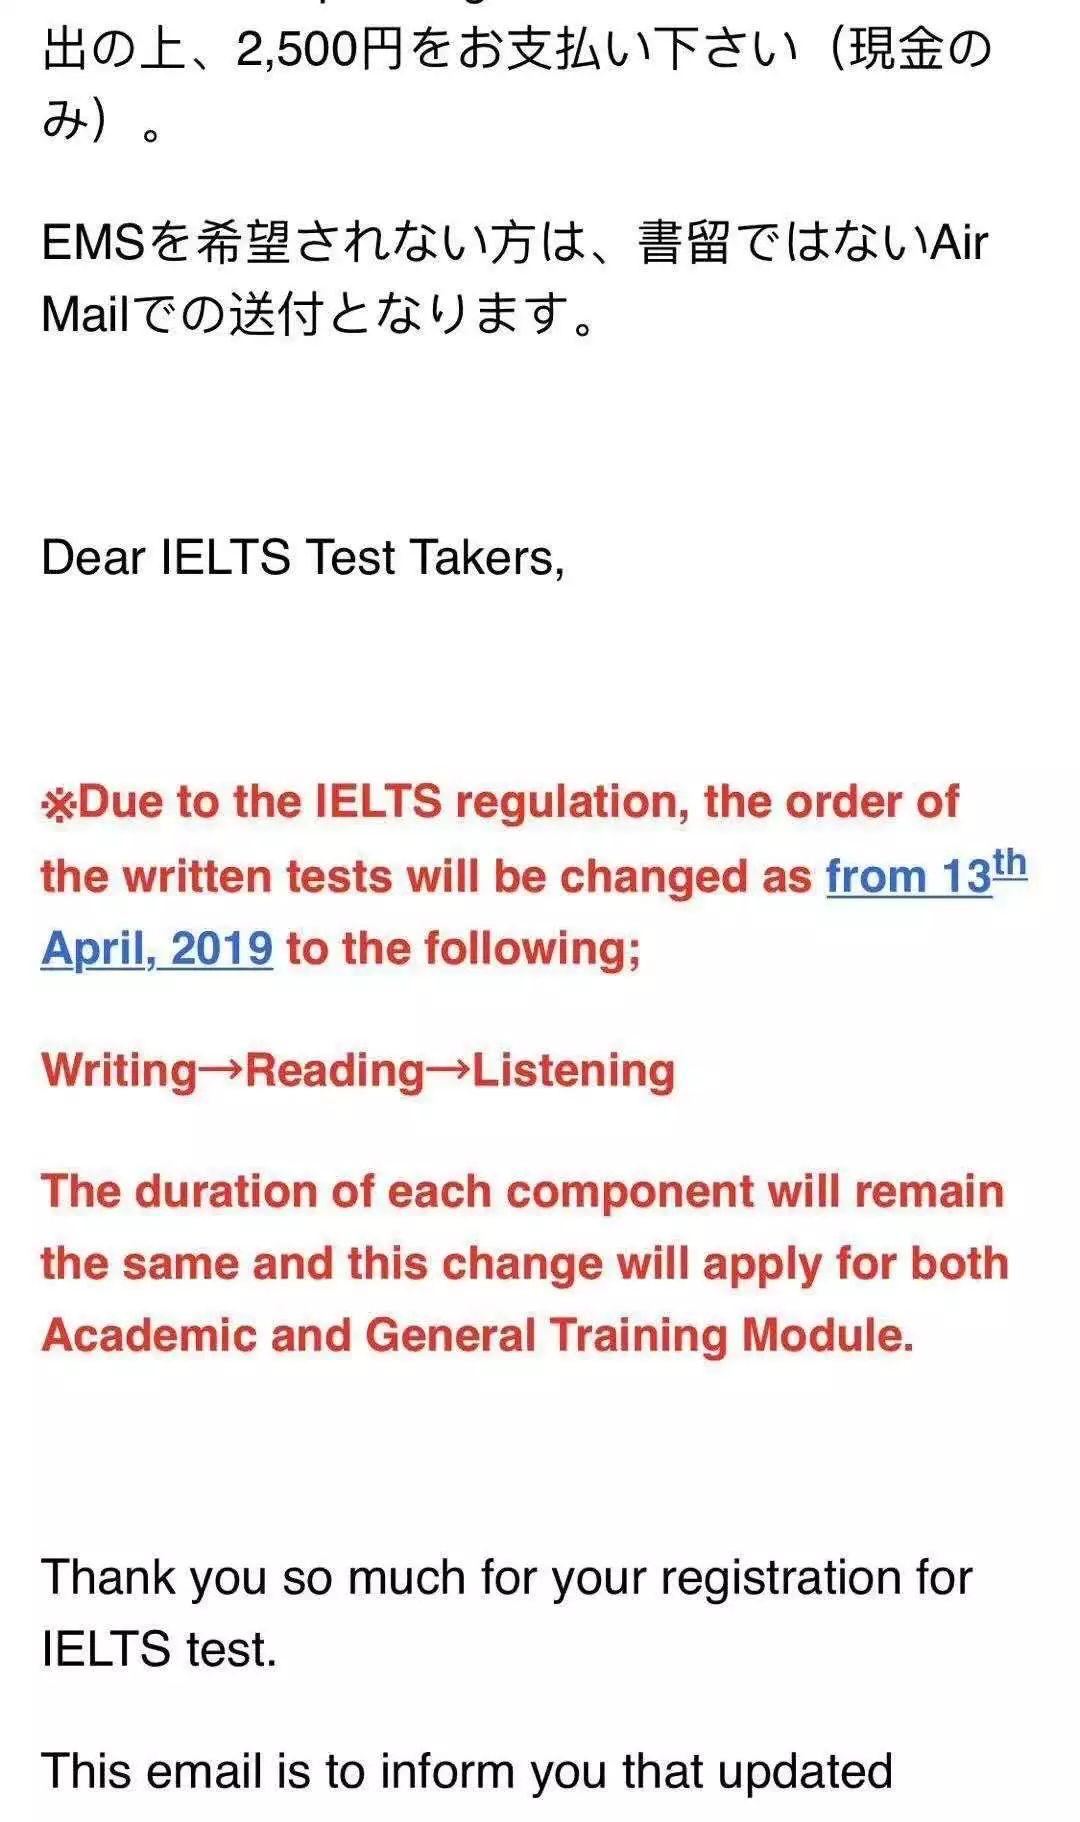 雅思考试顺序调整 听力阅读写作顺序变了